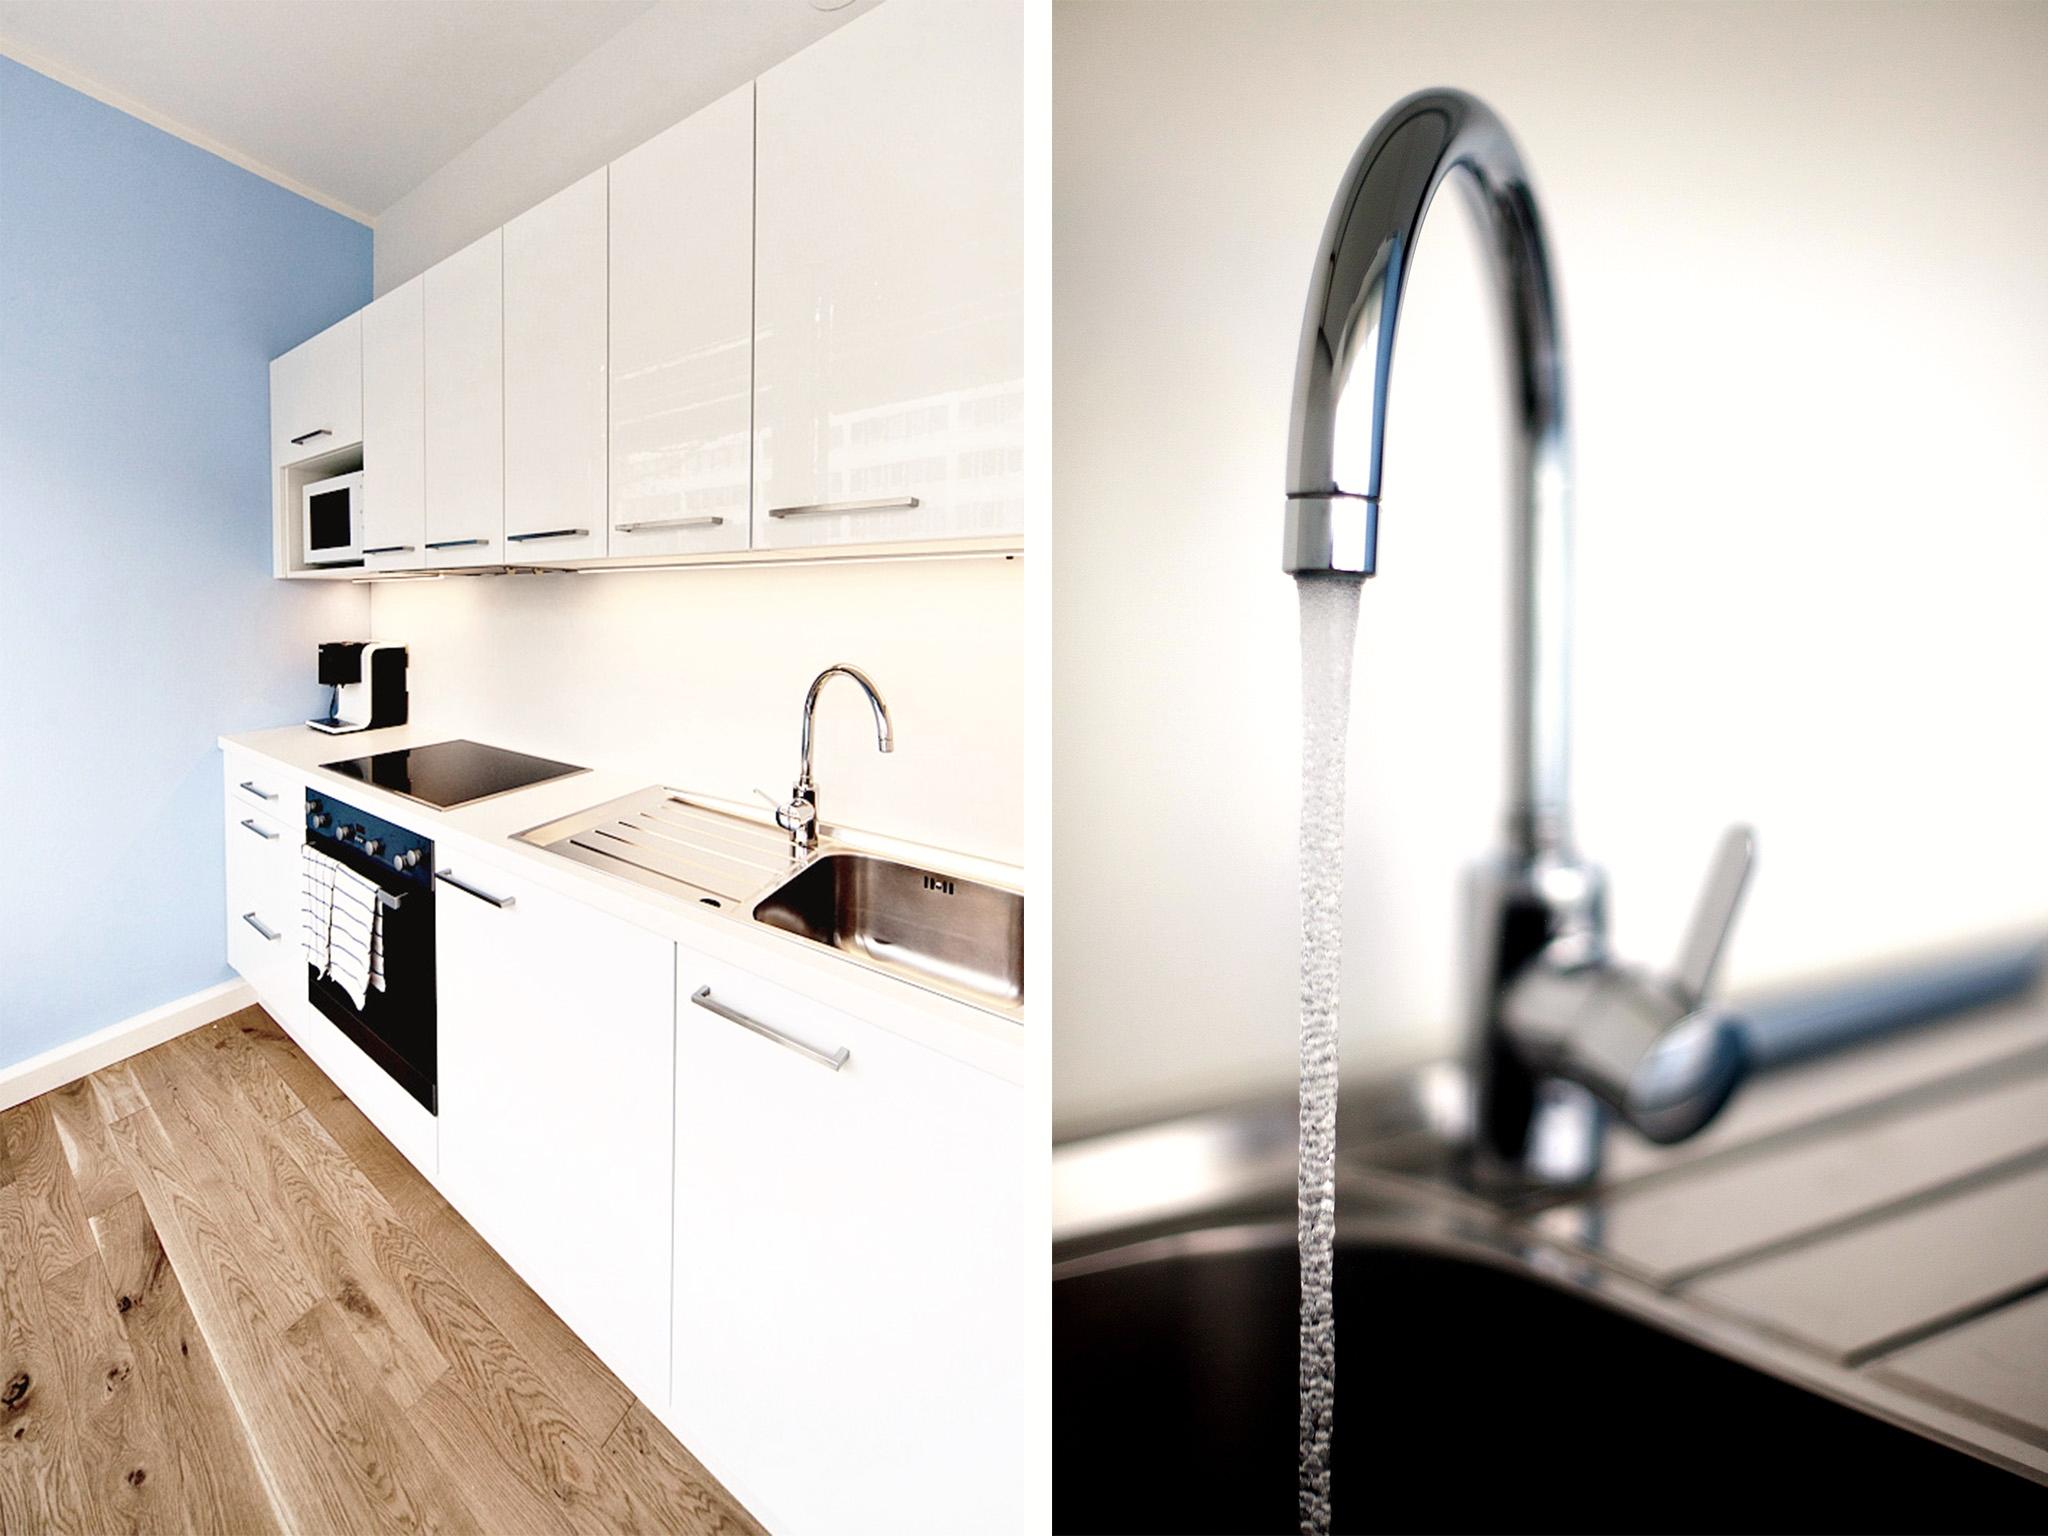 Apartment Wasser Kueche